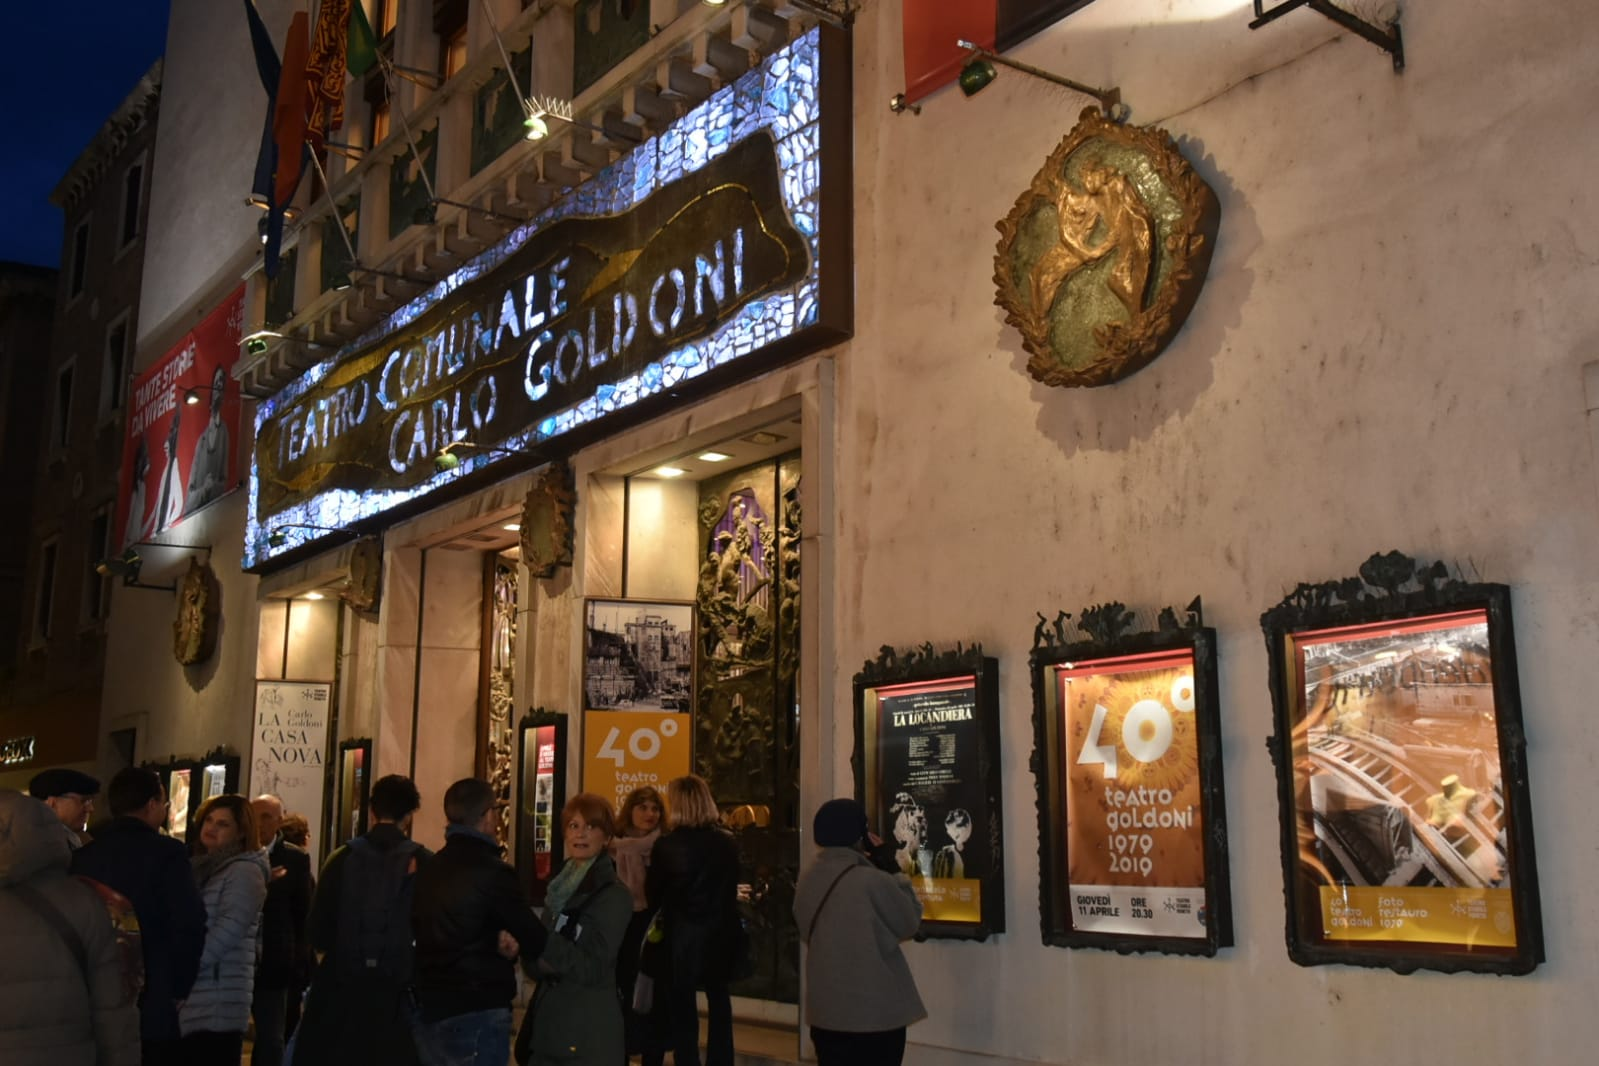 Festa Di Quarant Anni teatro goldoni in festa per i primi quarant'anni di attività